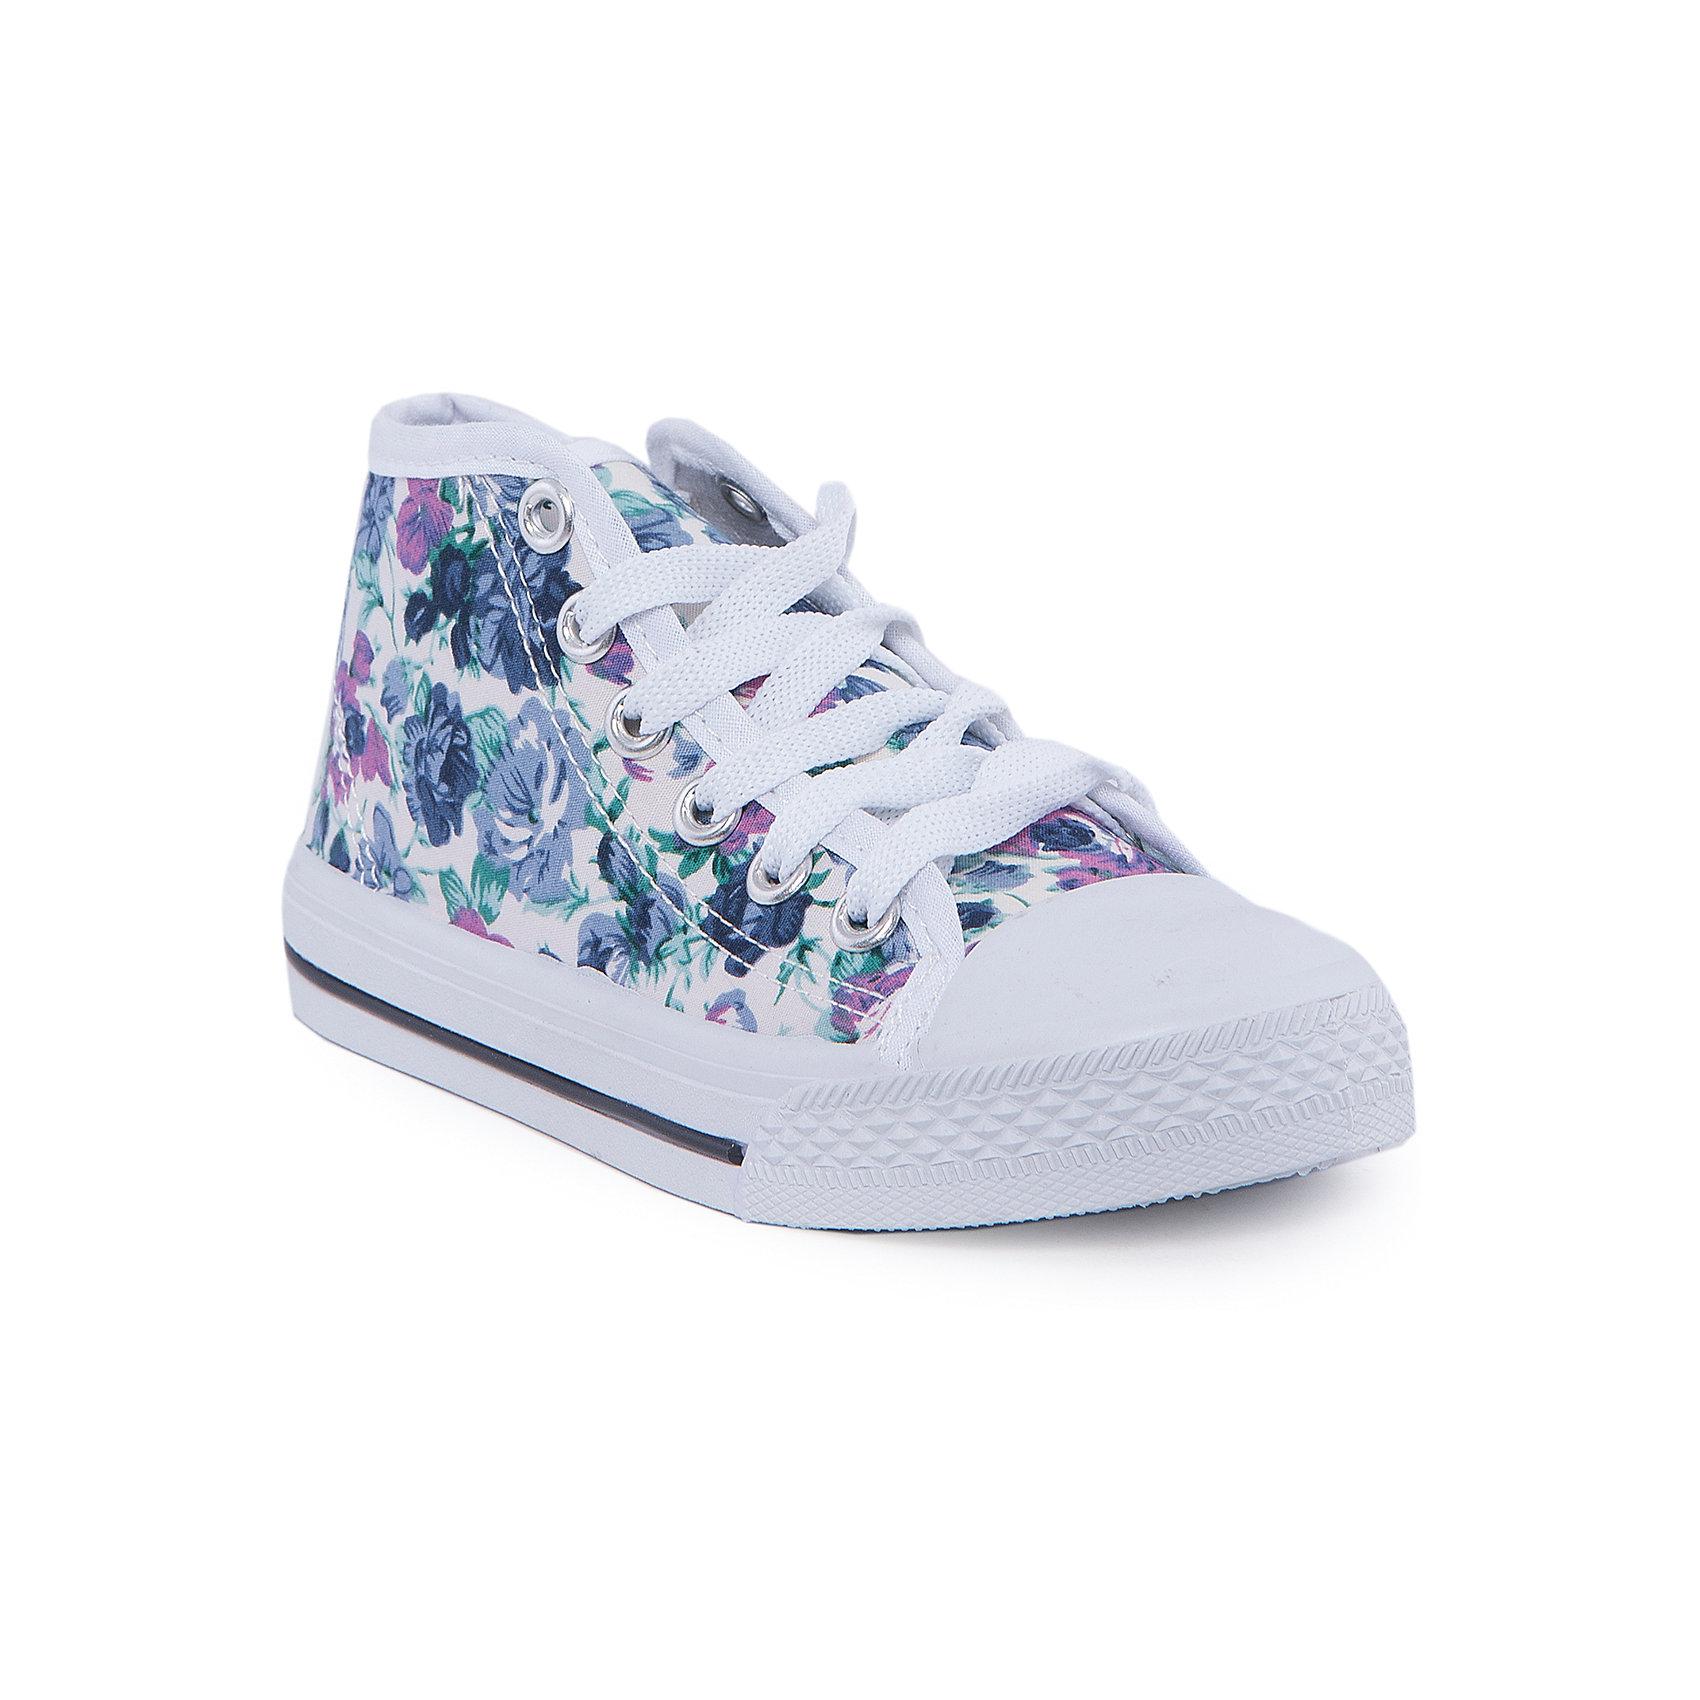 Кеды для девочки BebendorffКеды для девочки от известного бренда Bebendorff<br><br>Модные и удобные кеды разнообразят гардероб девочки в новом весенне-летнем сезоне. Кеды сделаны из качественных материалов, поэтому не только отлично смотрятся, но и обеспечивают комфорт детским ногам.<br><br>Отличительные особенности модели:<br><br>- цвет: разноцветный;<br>- удобная форма;<br>- защита пальцев;<br>- качественные материалы;<br>- устойчивая подошва;<br>- хлопковая подкладка;<br>- застежка: шнуровка;<br>- декорированы принтом.<br><br>Дополнительная информация:<br><br>Температурный режим: от + 10° С до + 25° С.<br><br>Состав:<br>верх - текстиль;<br>подкладка - хлопок;<br>стелька - хлопок;<br>подошва - ПВХ.<br><br>Кеды для девочки Bebendorff (Бебендорф) можно купить в нашем магазине.<br><br>Ширина мм: 250<br>Глубина мм: 150<br>Высота мм: 150<br>Вес г: 250<br>Цвет: разноцветный<br>Возраст от месяцев: 72<br>Возраст до месяцев: 84<br>Пол: Женский<br>Возраст: Детский<br>Размер: 30,33,29,34,32,31<br>SKU: 4554772